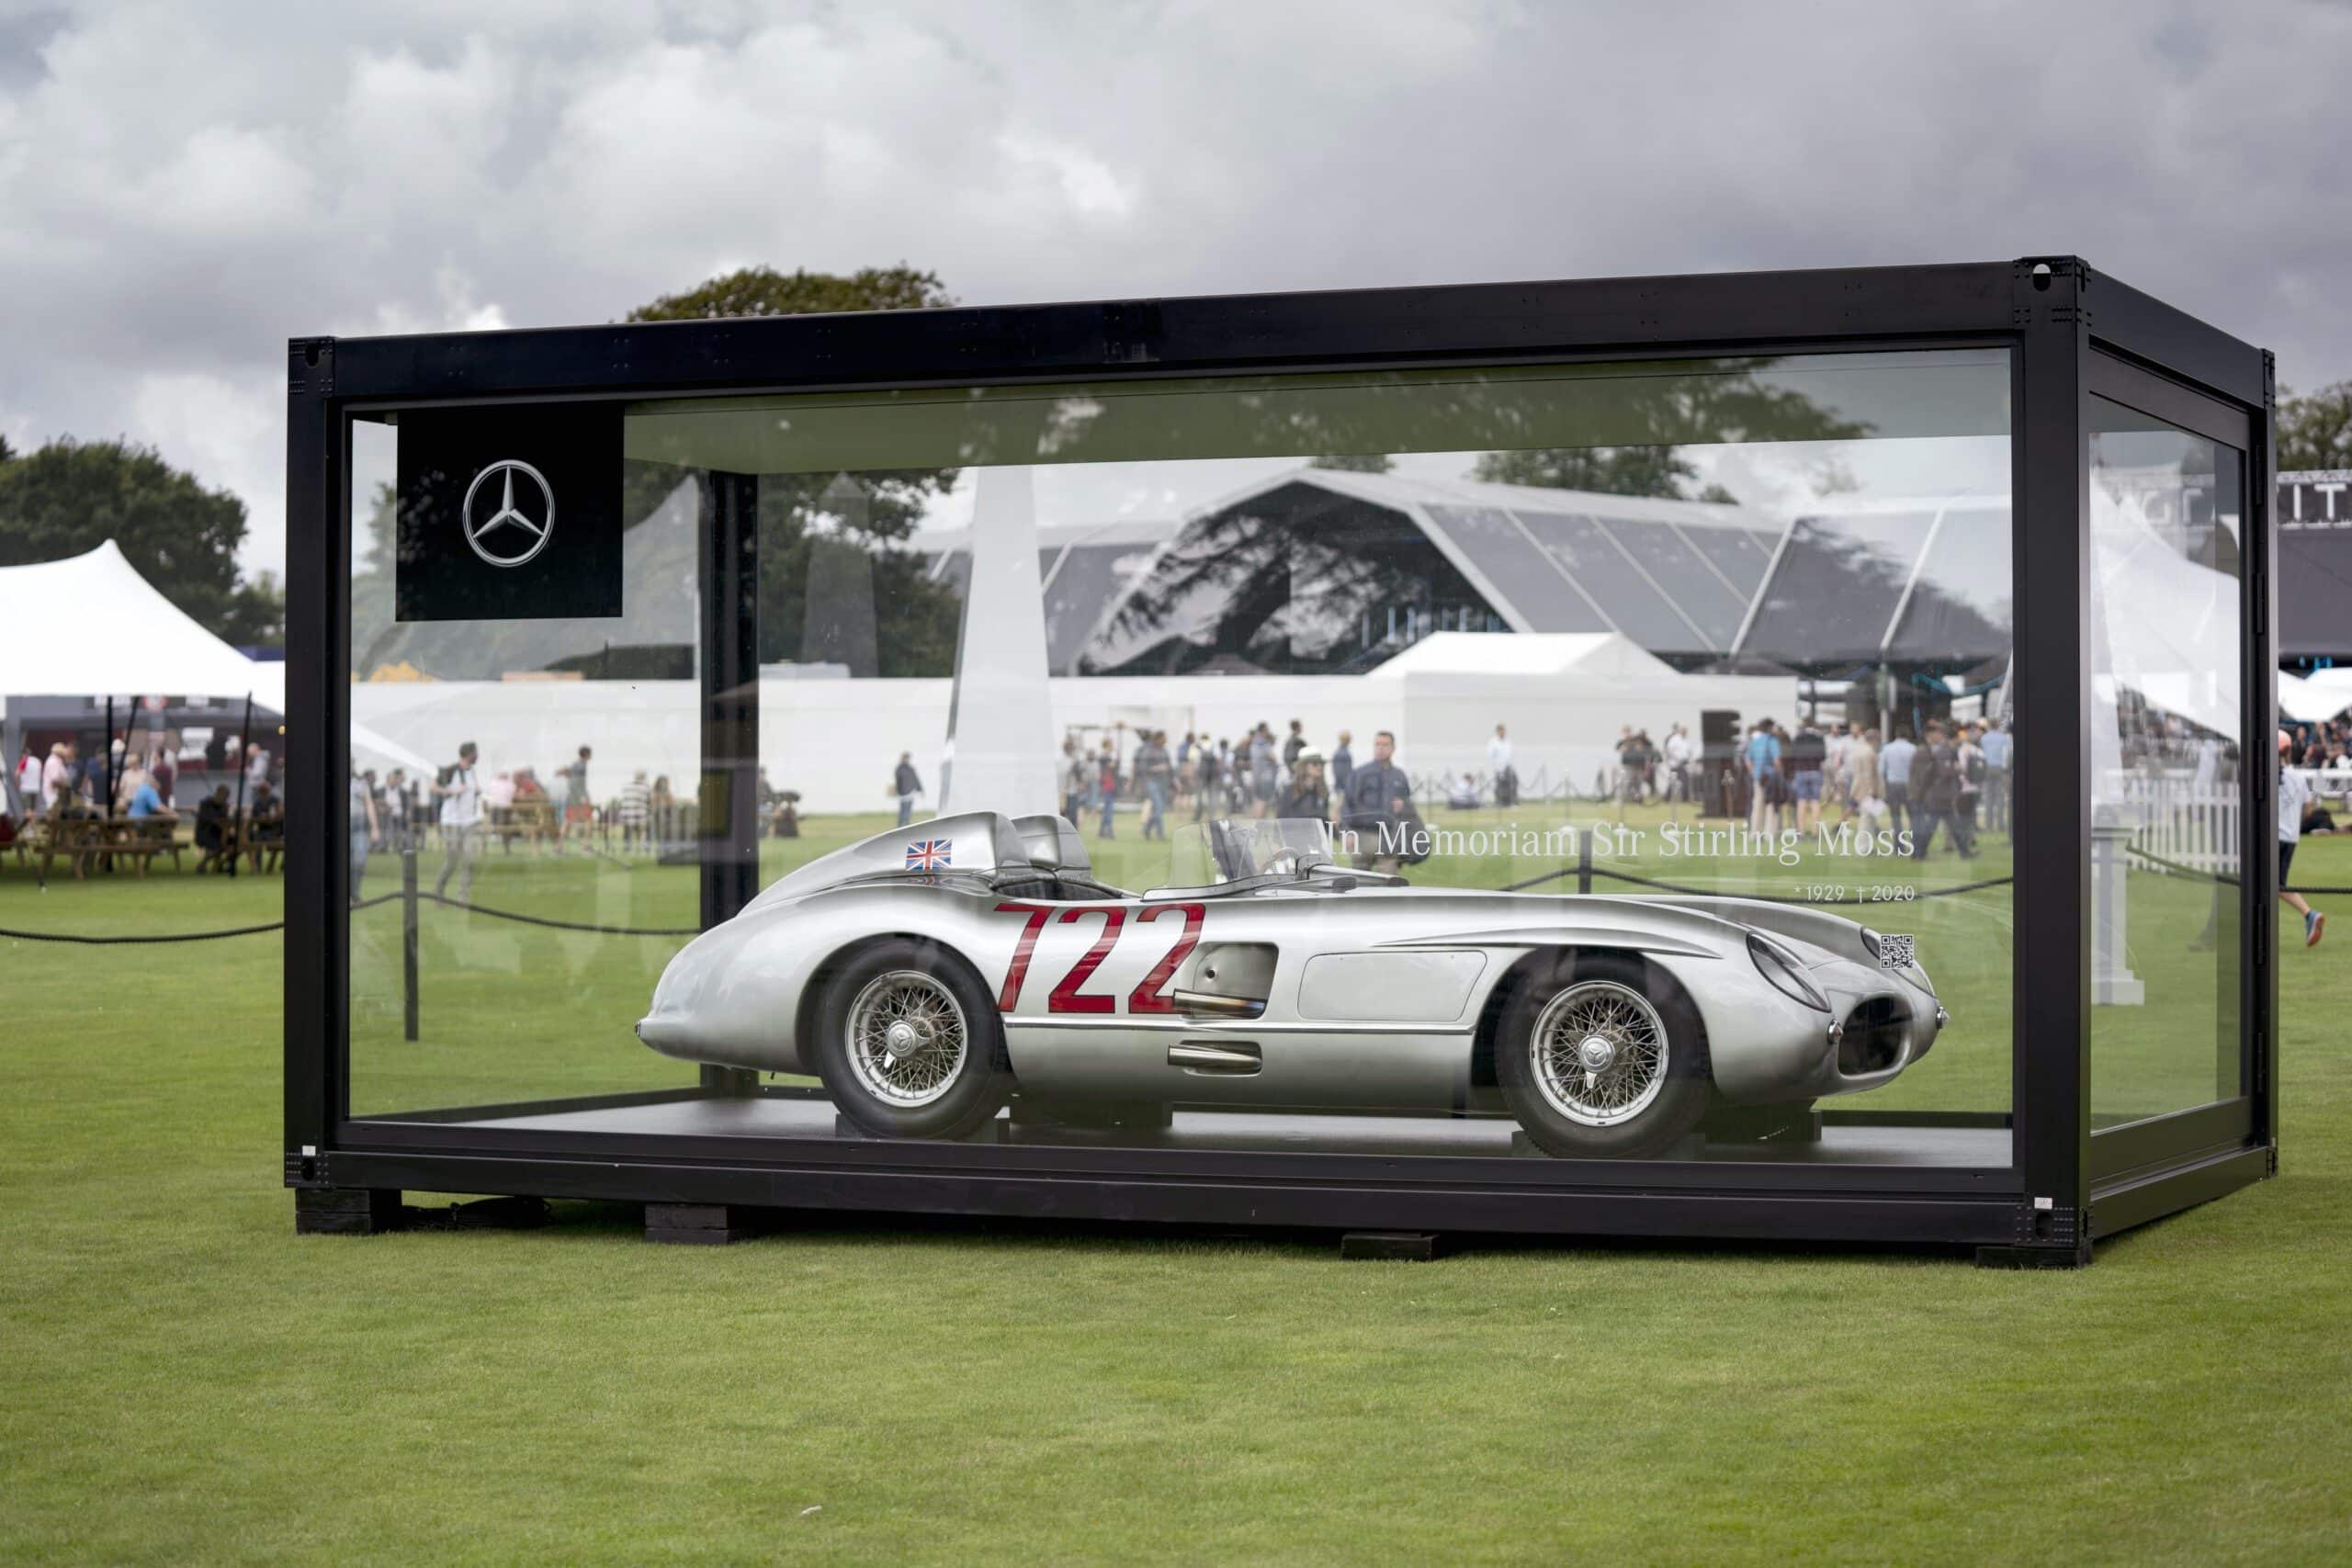 El Mercedes-Benz 300 SLR de Stirling Moss estará presente en Silverstone